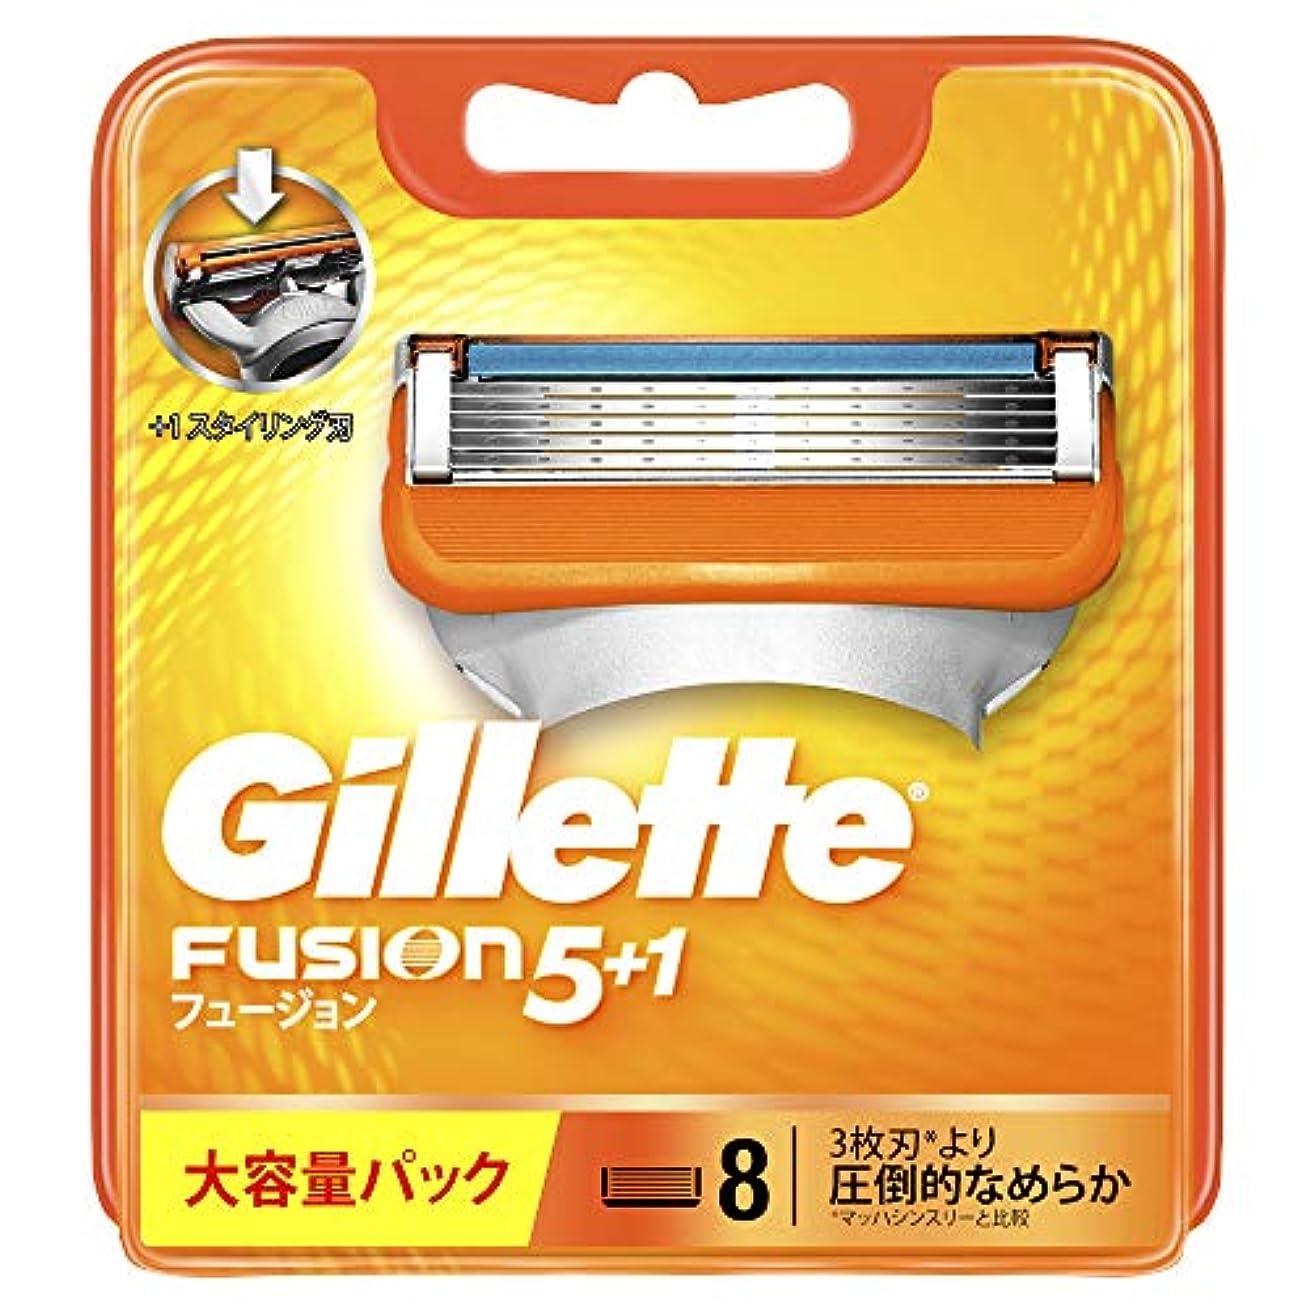 起こる無秩序ジレット フュージョン5+1 マニュアル 髭剃り 替刃 8コ入